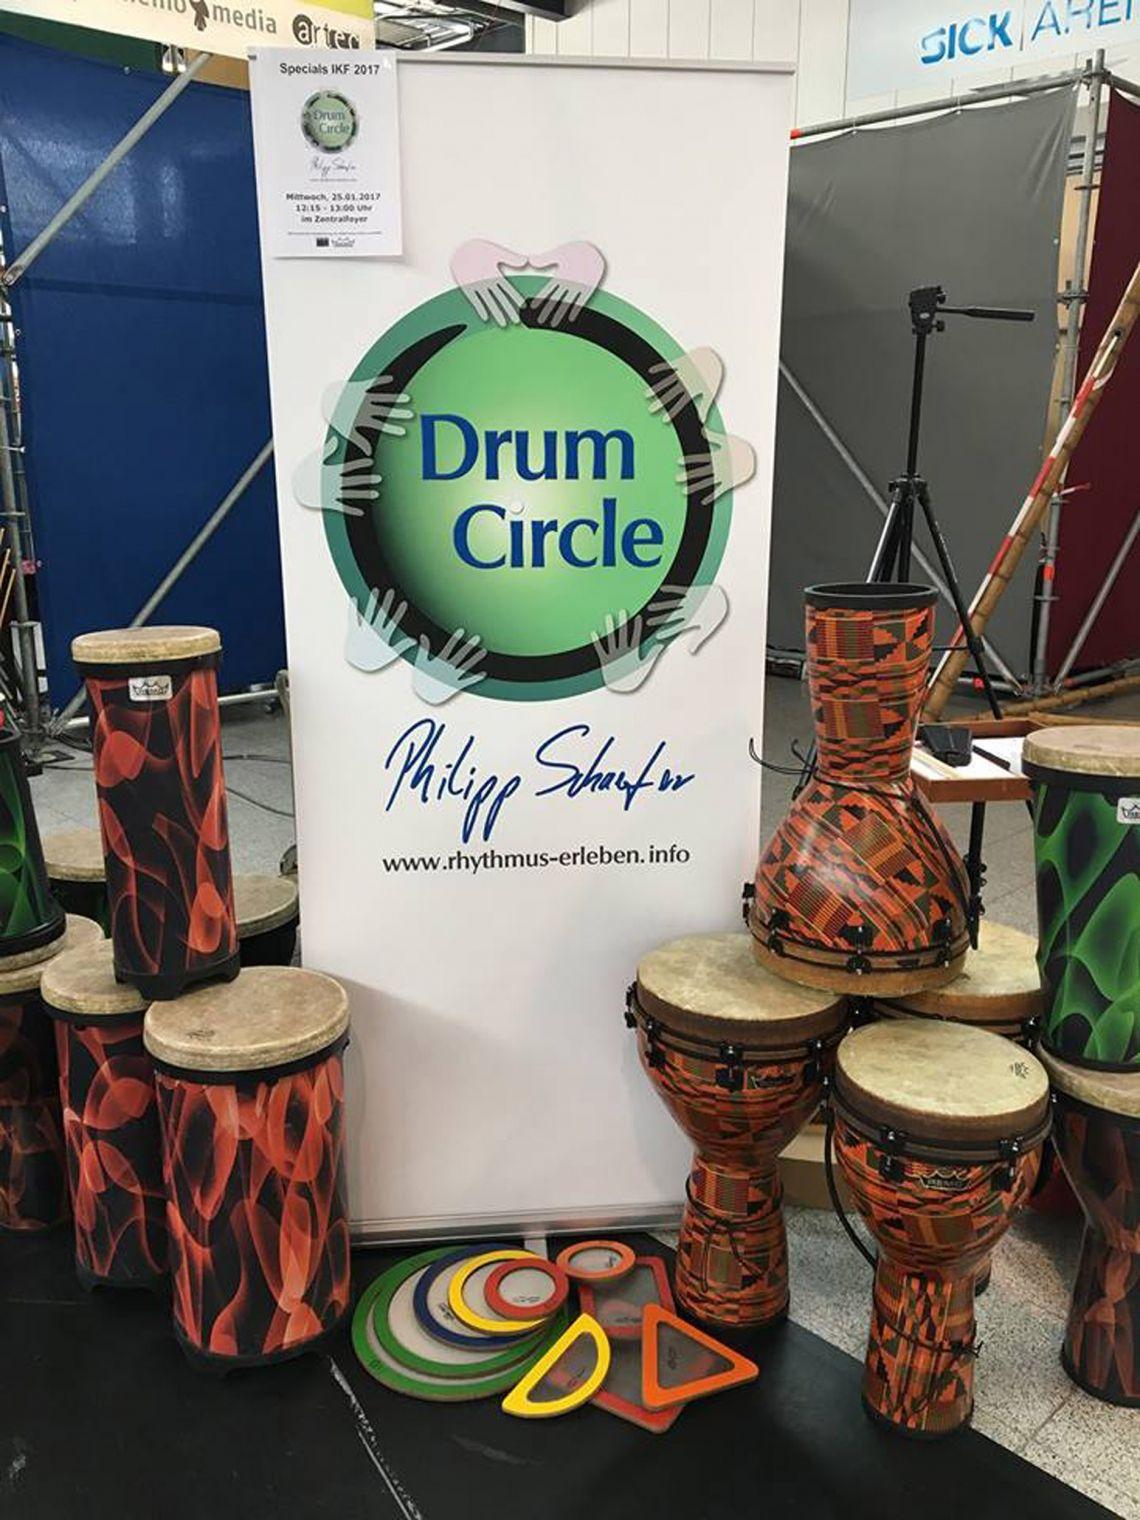 Drum Circle Philipp Schaefer - Rhythmus erleben! Wir bringen Qualitätsinstrumente für bis zu 200 Personen mit.